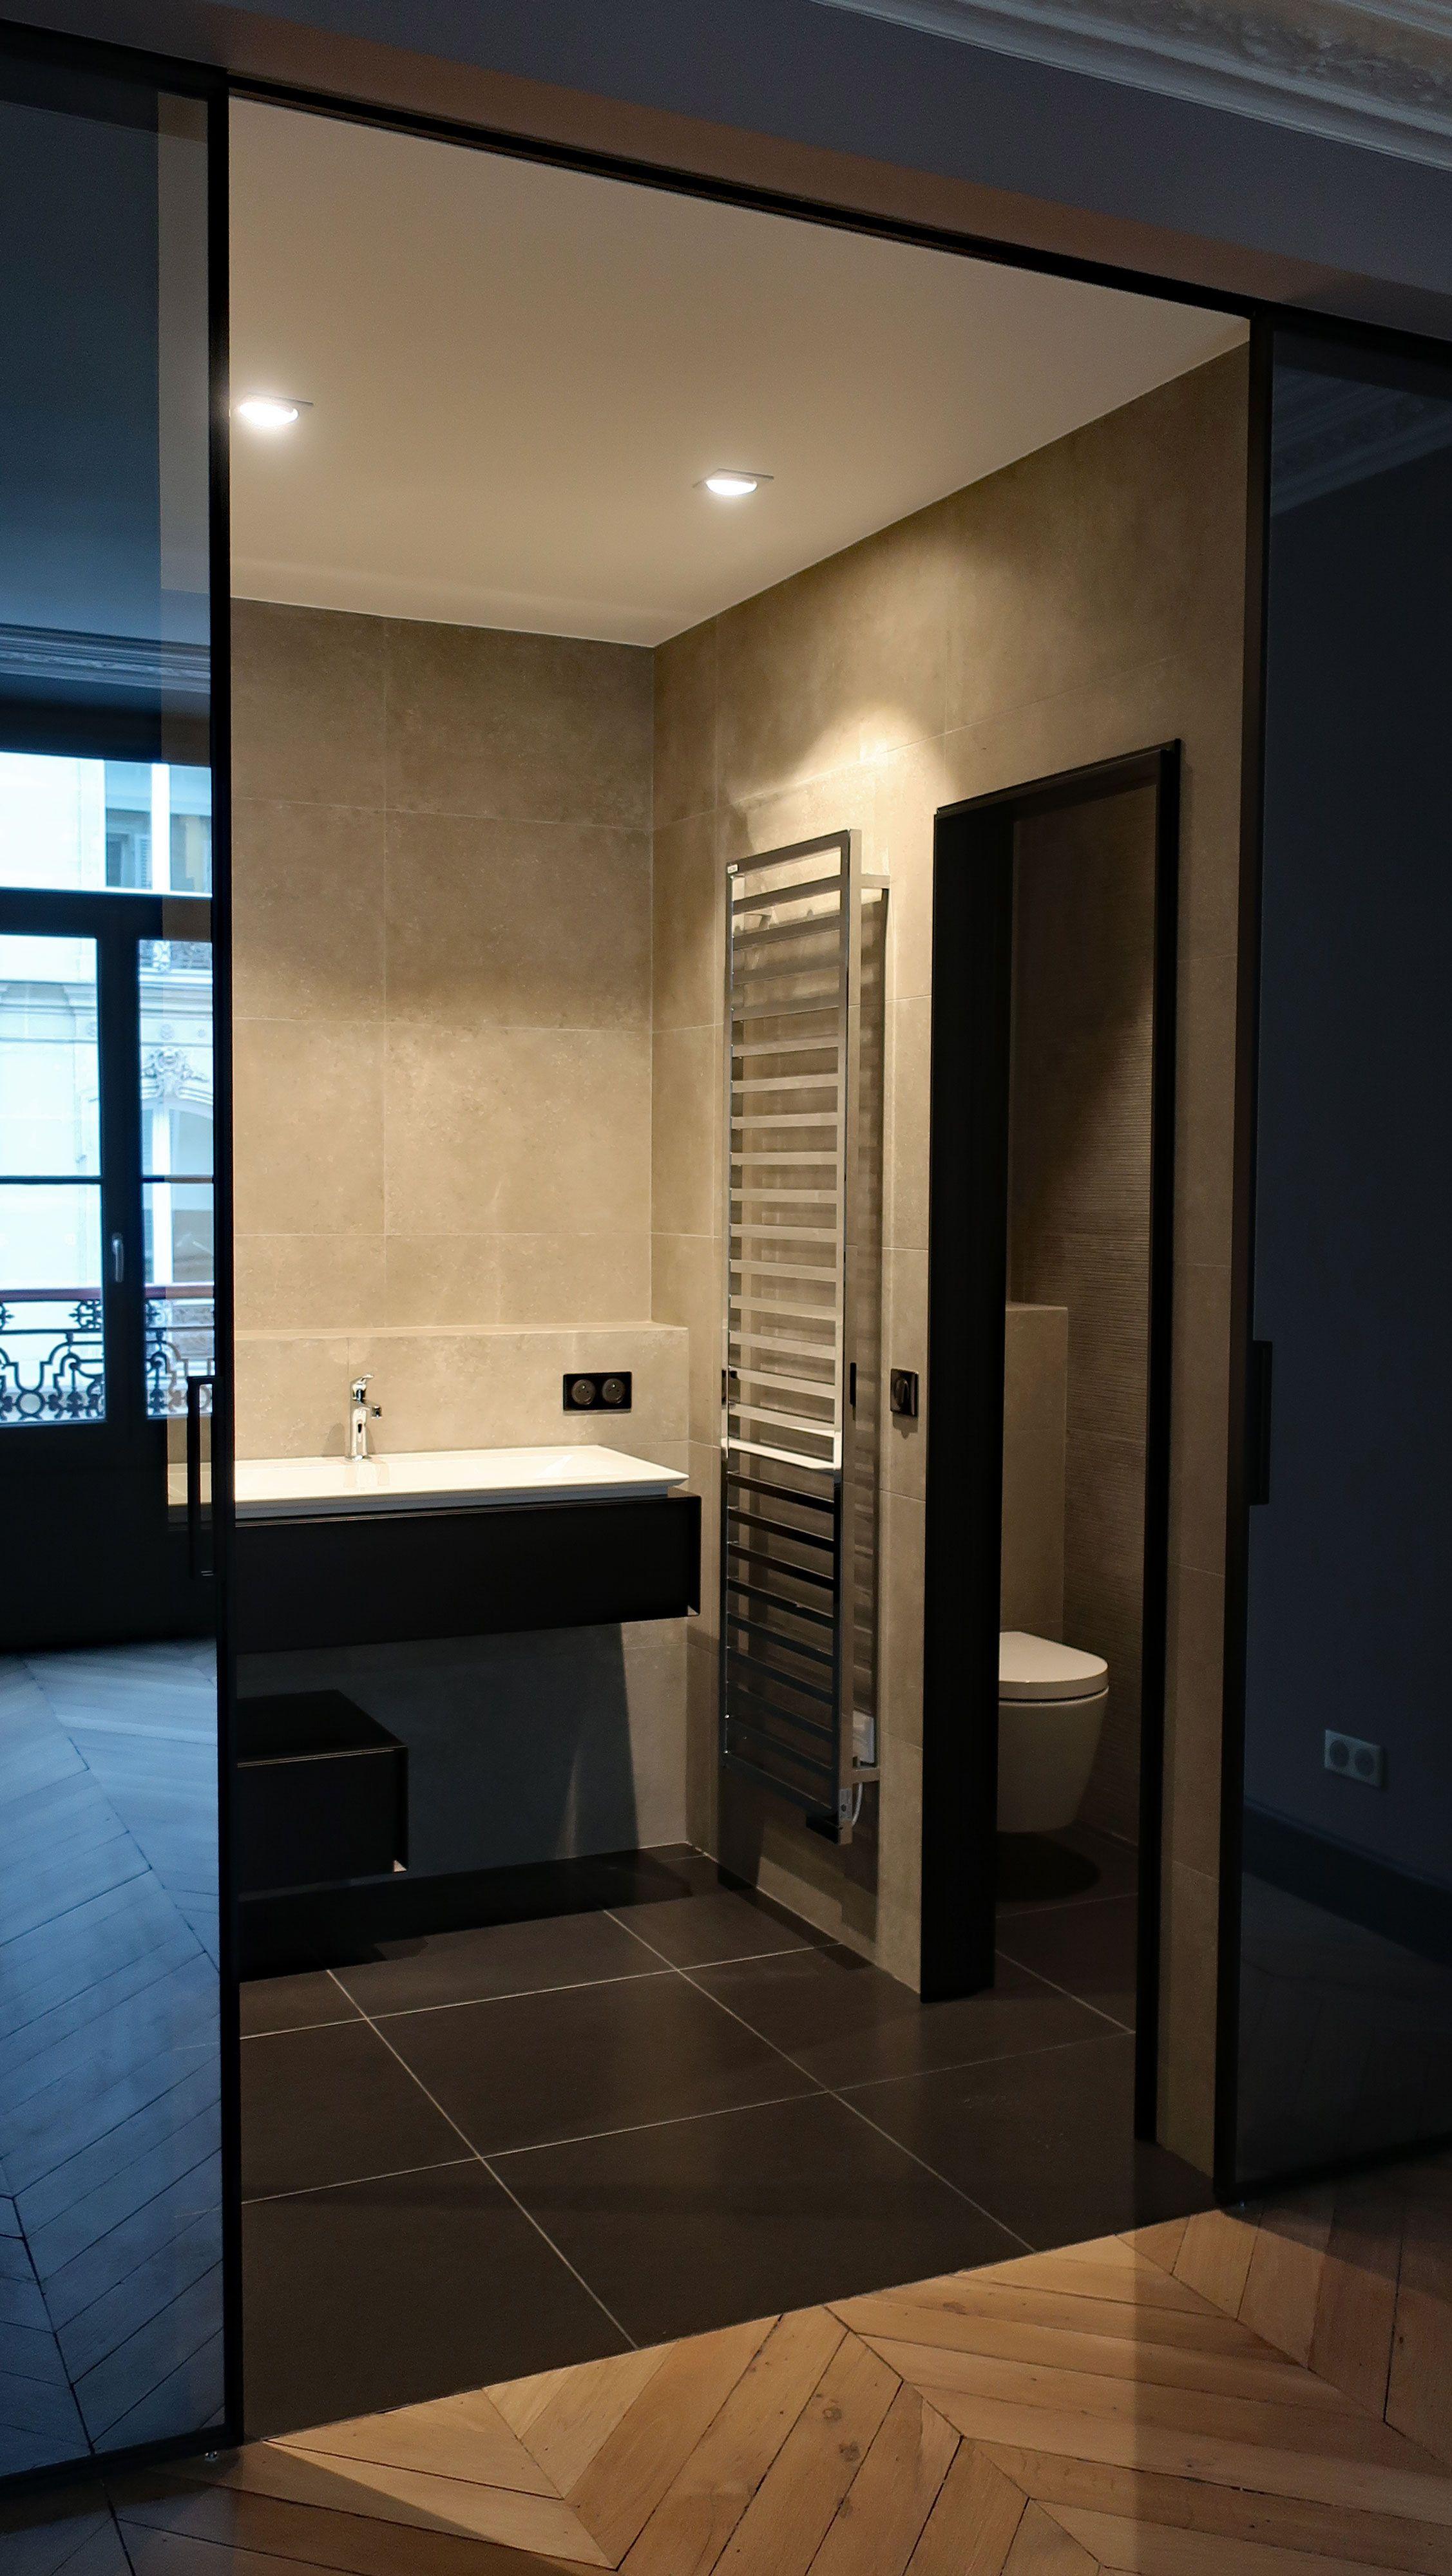 Architecte D Intérieur Cfai salle d'eau dans un appartement parisien. philippe